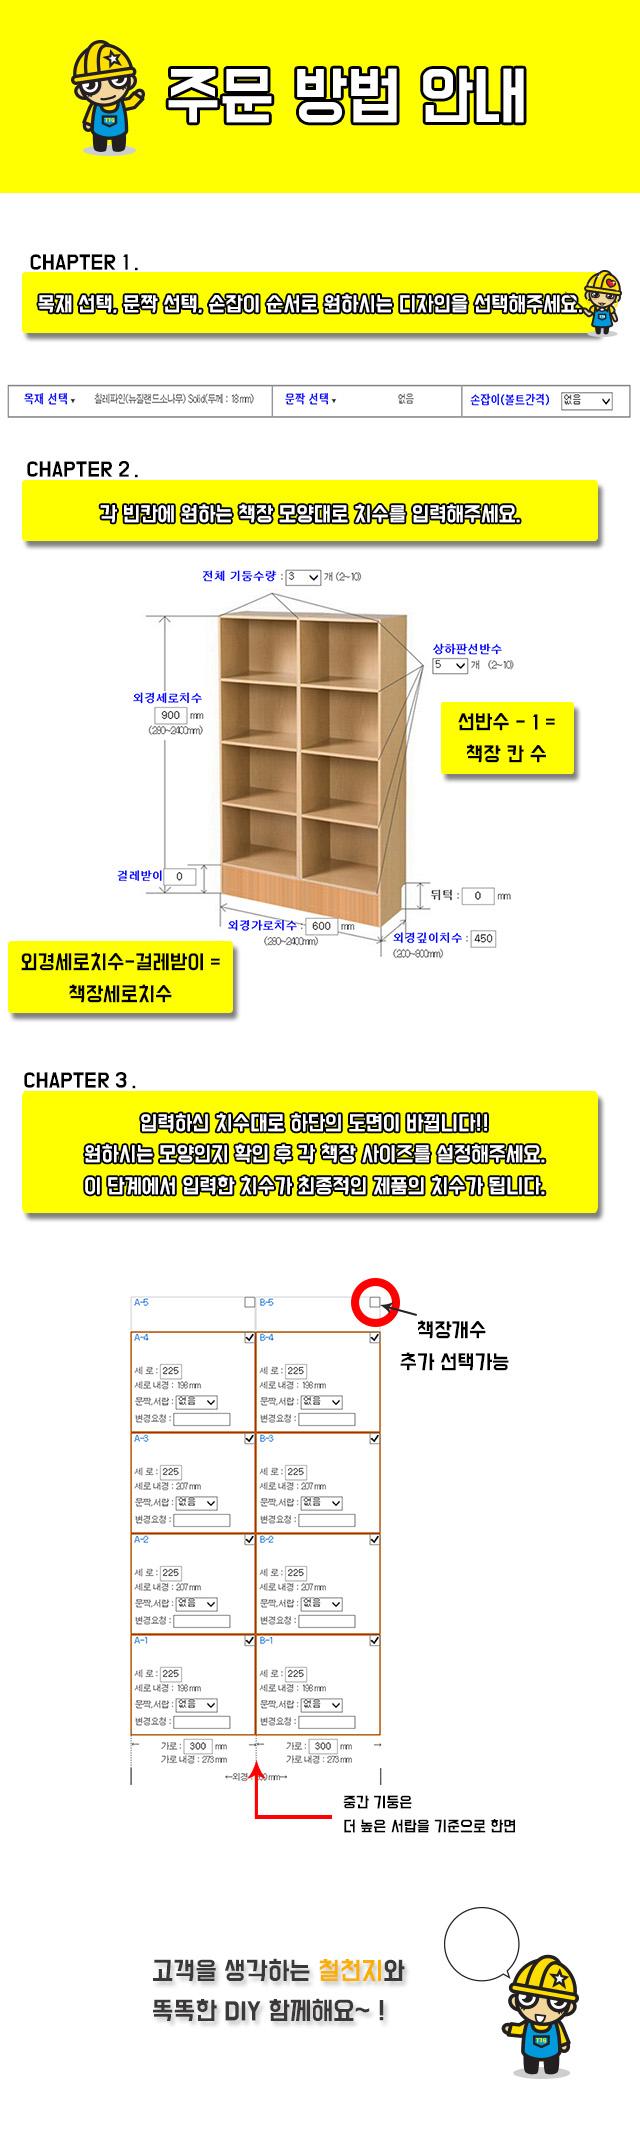 책장주문방법안내2.jpg